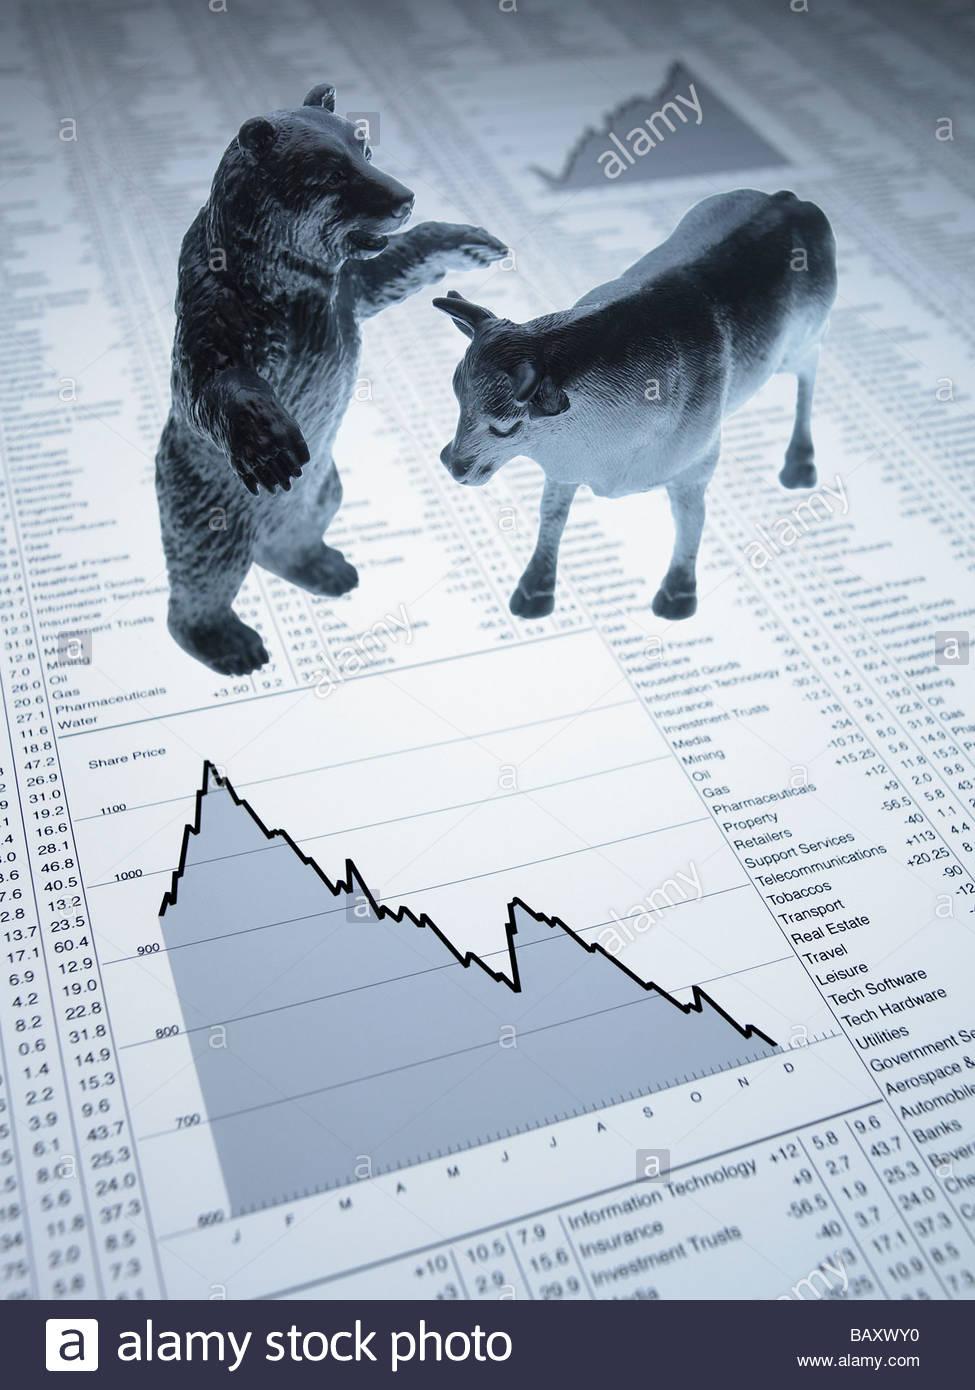 Bull e bear figurine sulla linea discendente Grafico ed elenco delle quotazioni Immagini Stock